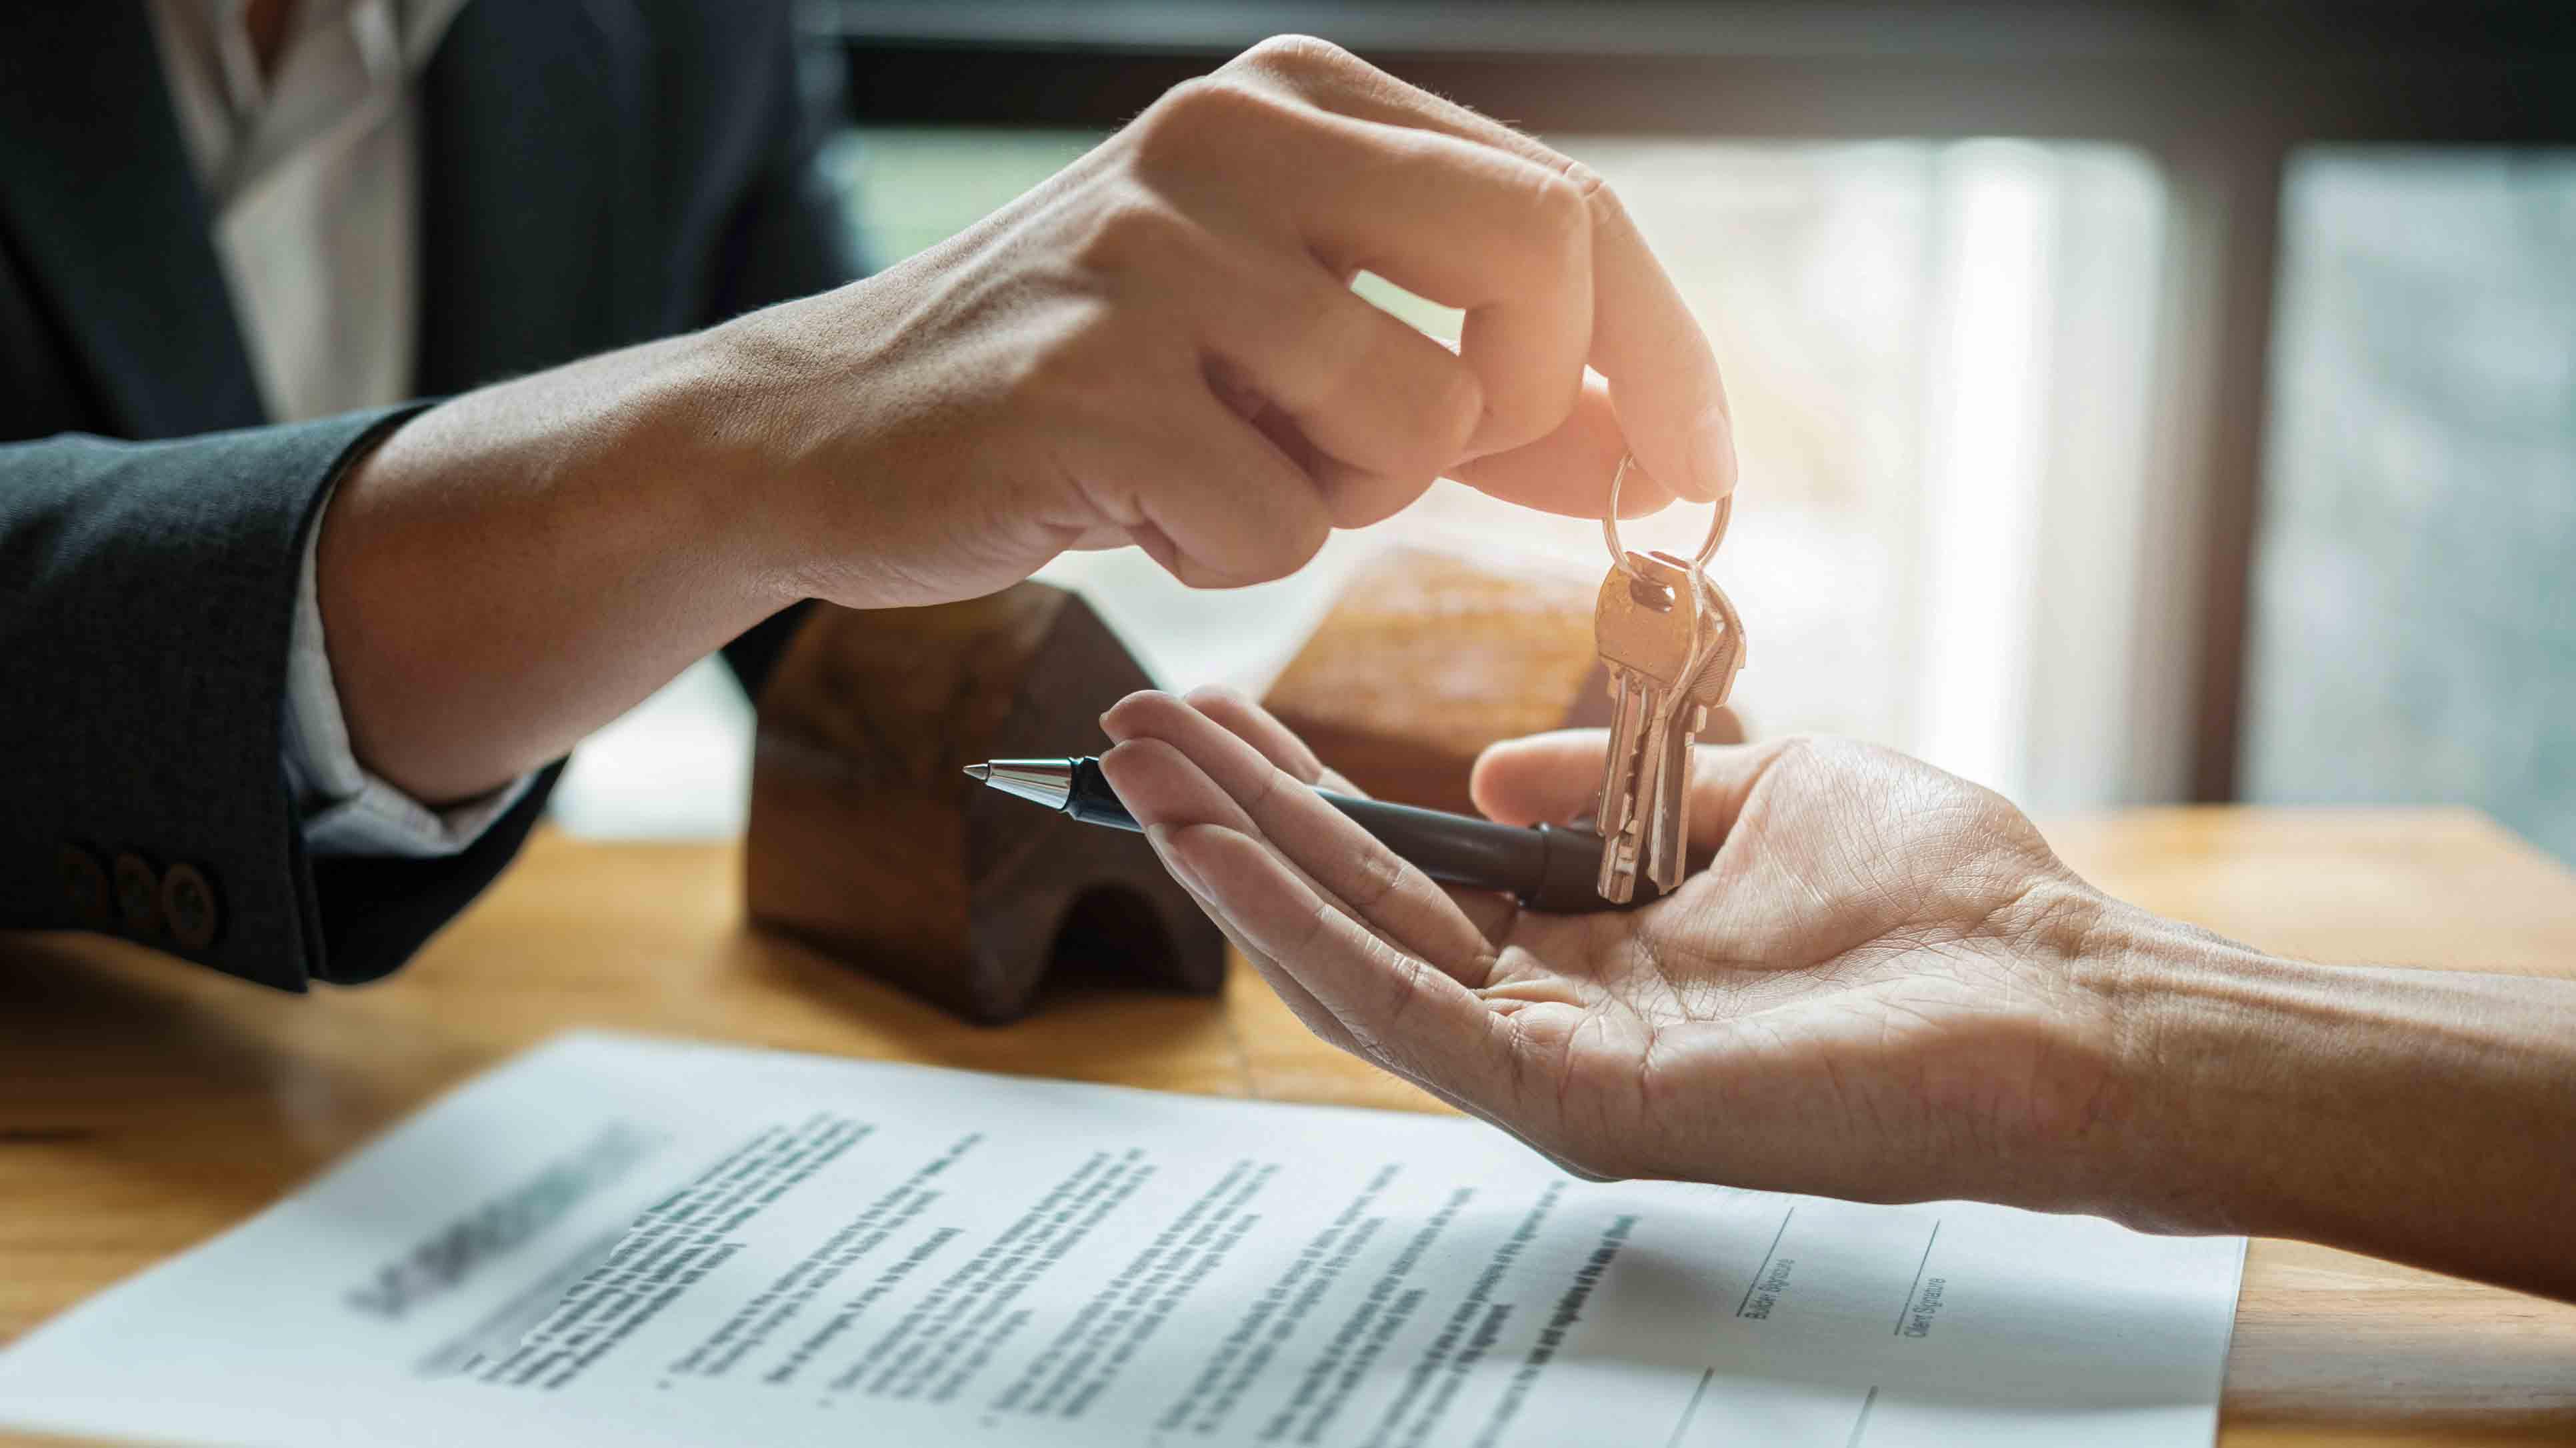 asei-inversiones-inmobiliarias-crecerian-12-en-lima-metropolitana-en-el-2020